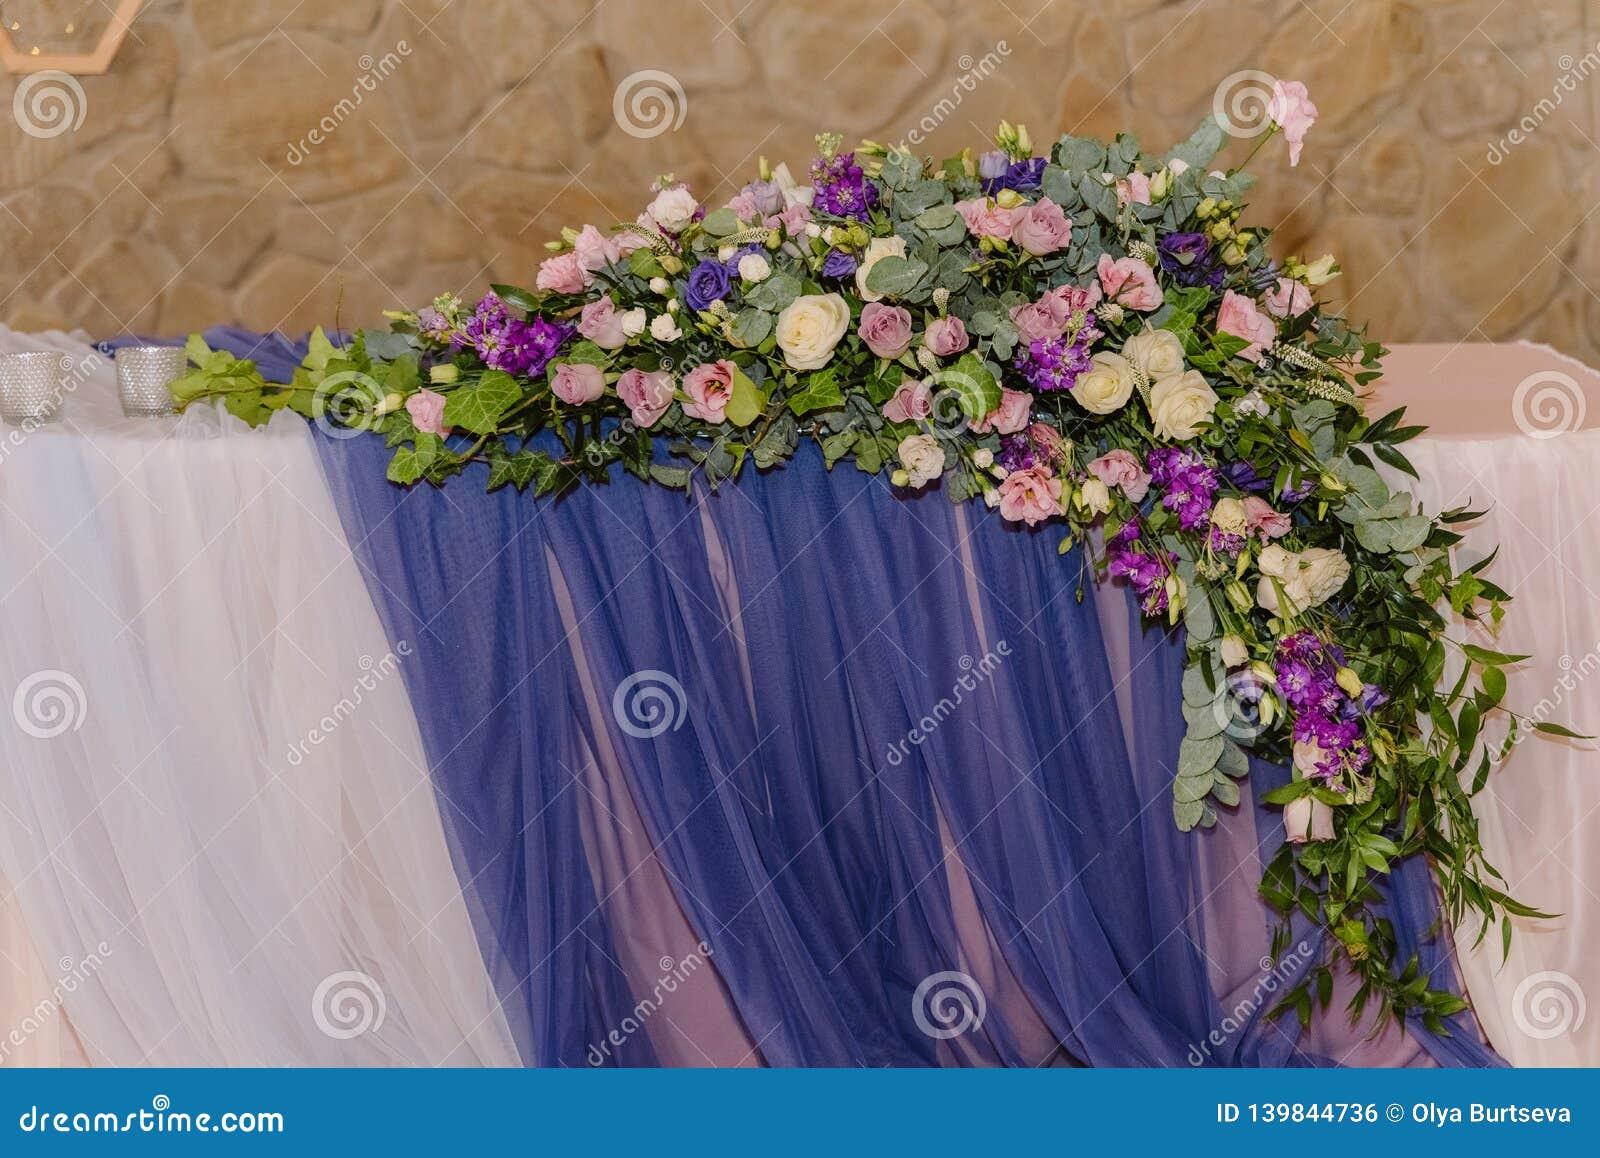 Ursprüngliche Dekoration einer Hochzeit ausführlich Blumen, Gewebe und hölzerne